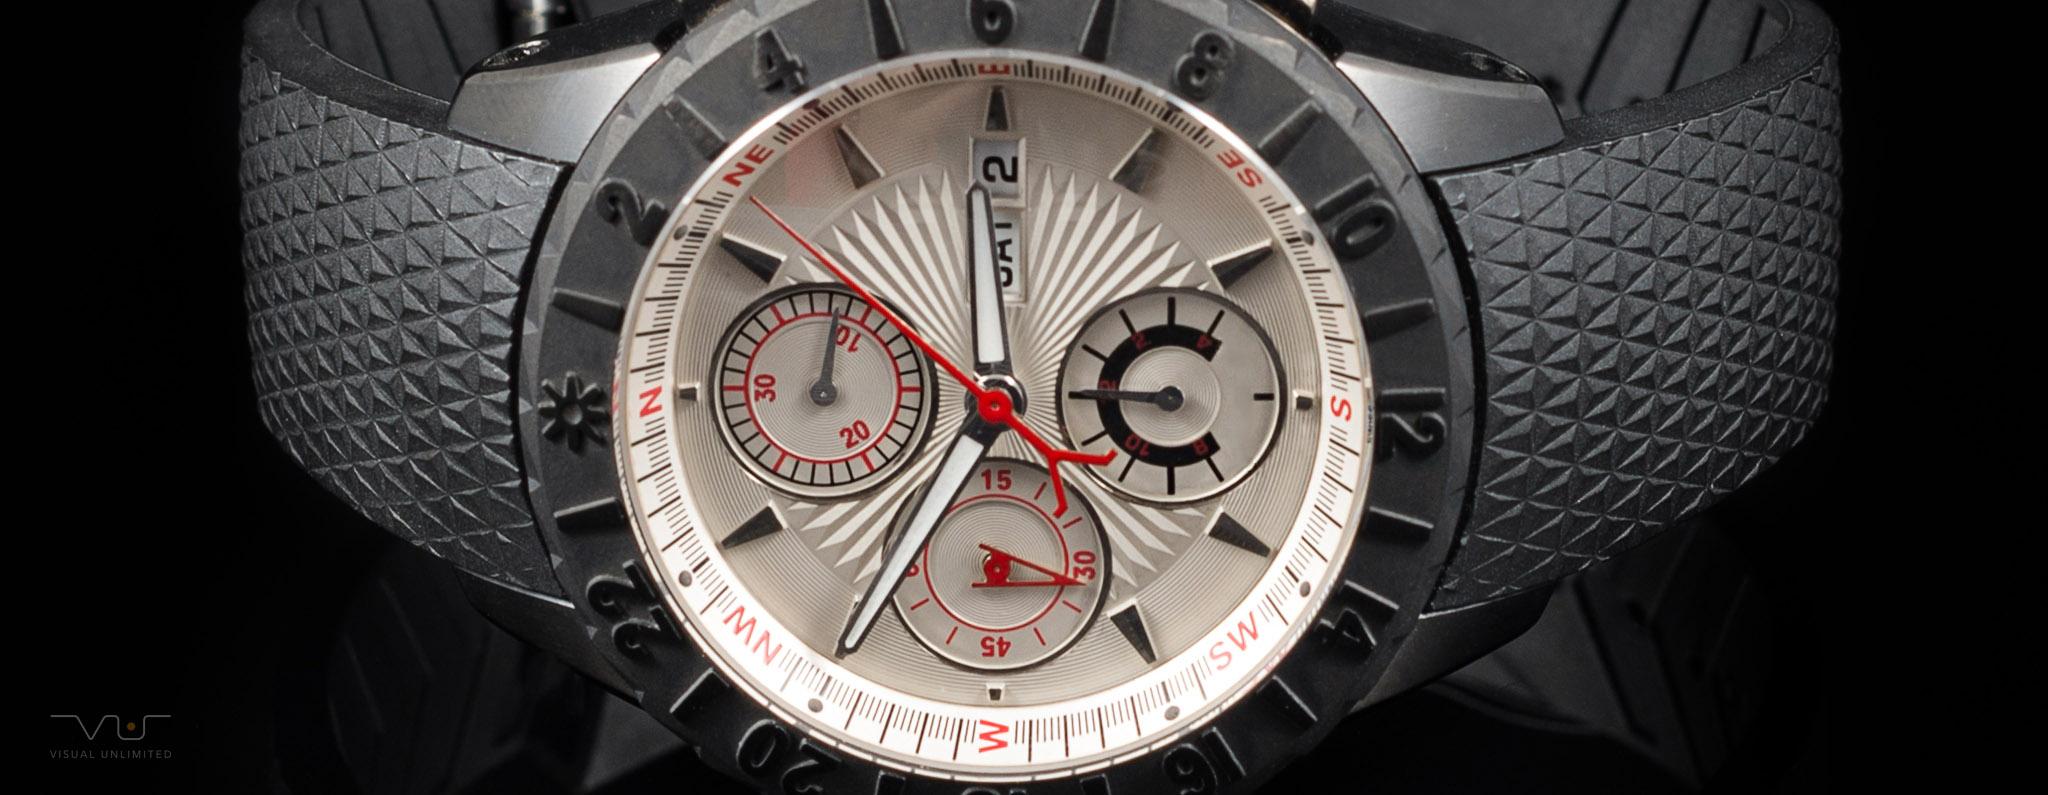 Bilder VU Header Photography 14 Armbanduhr - Watch